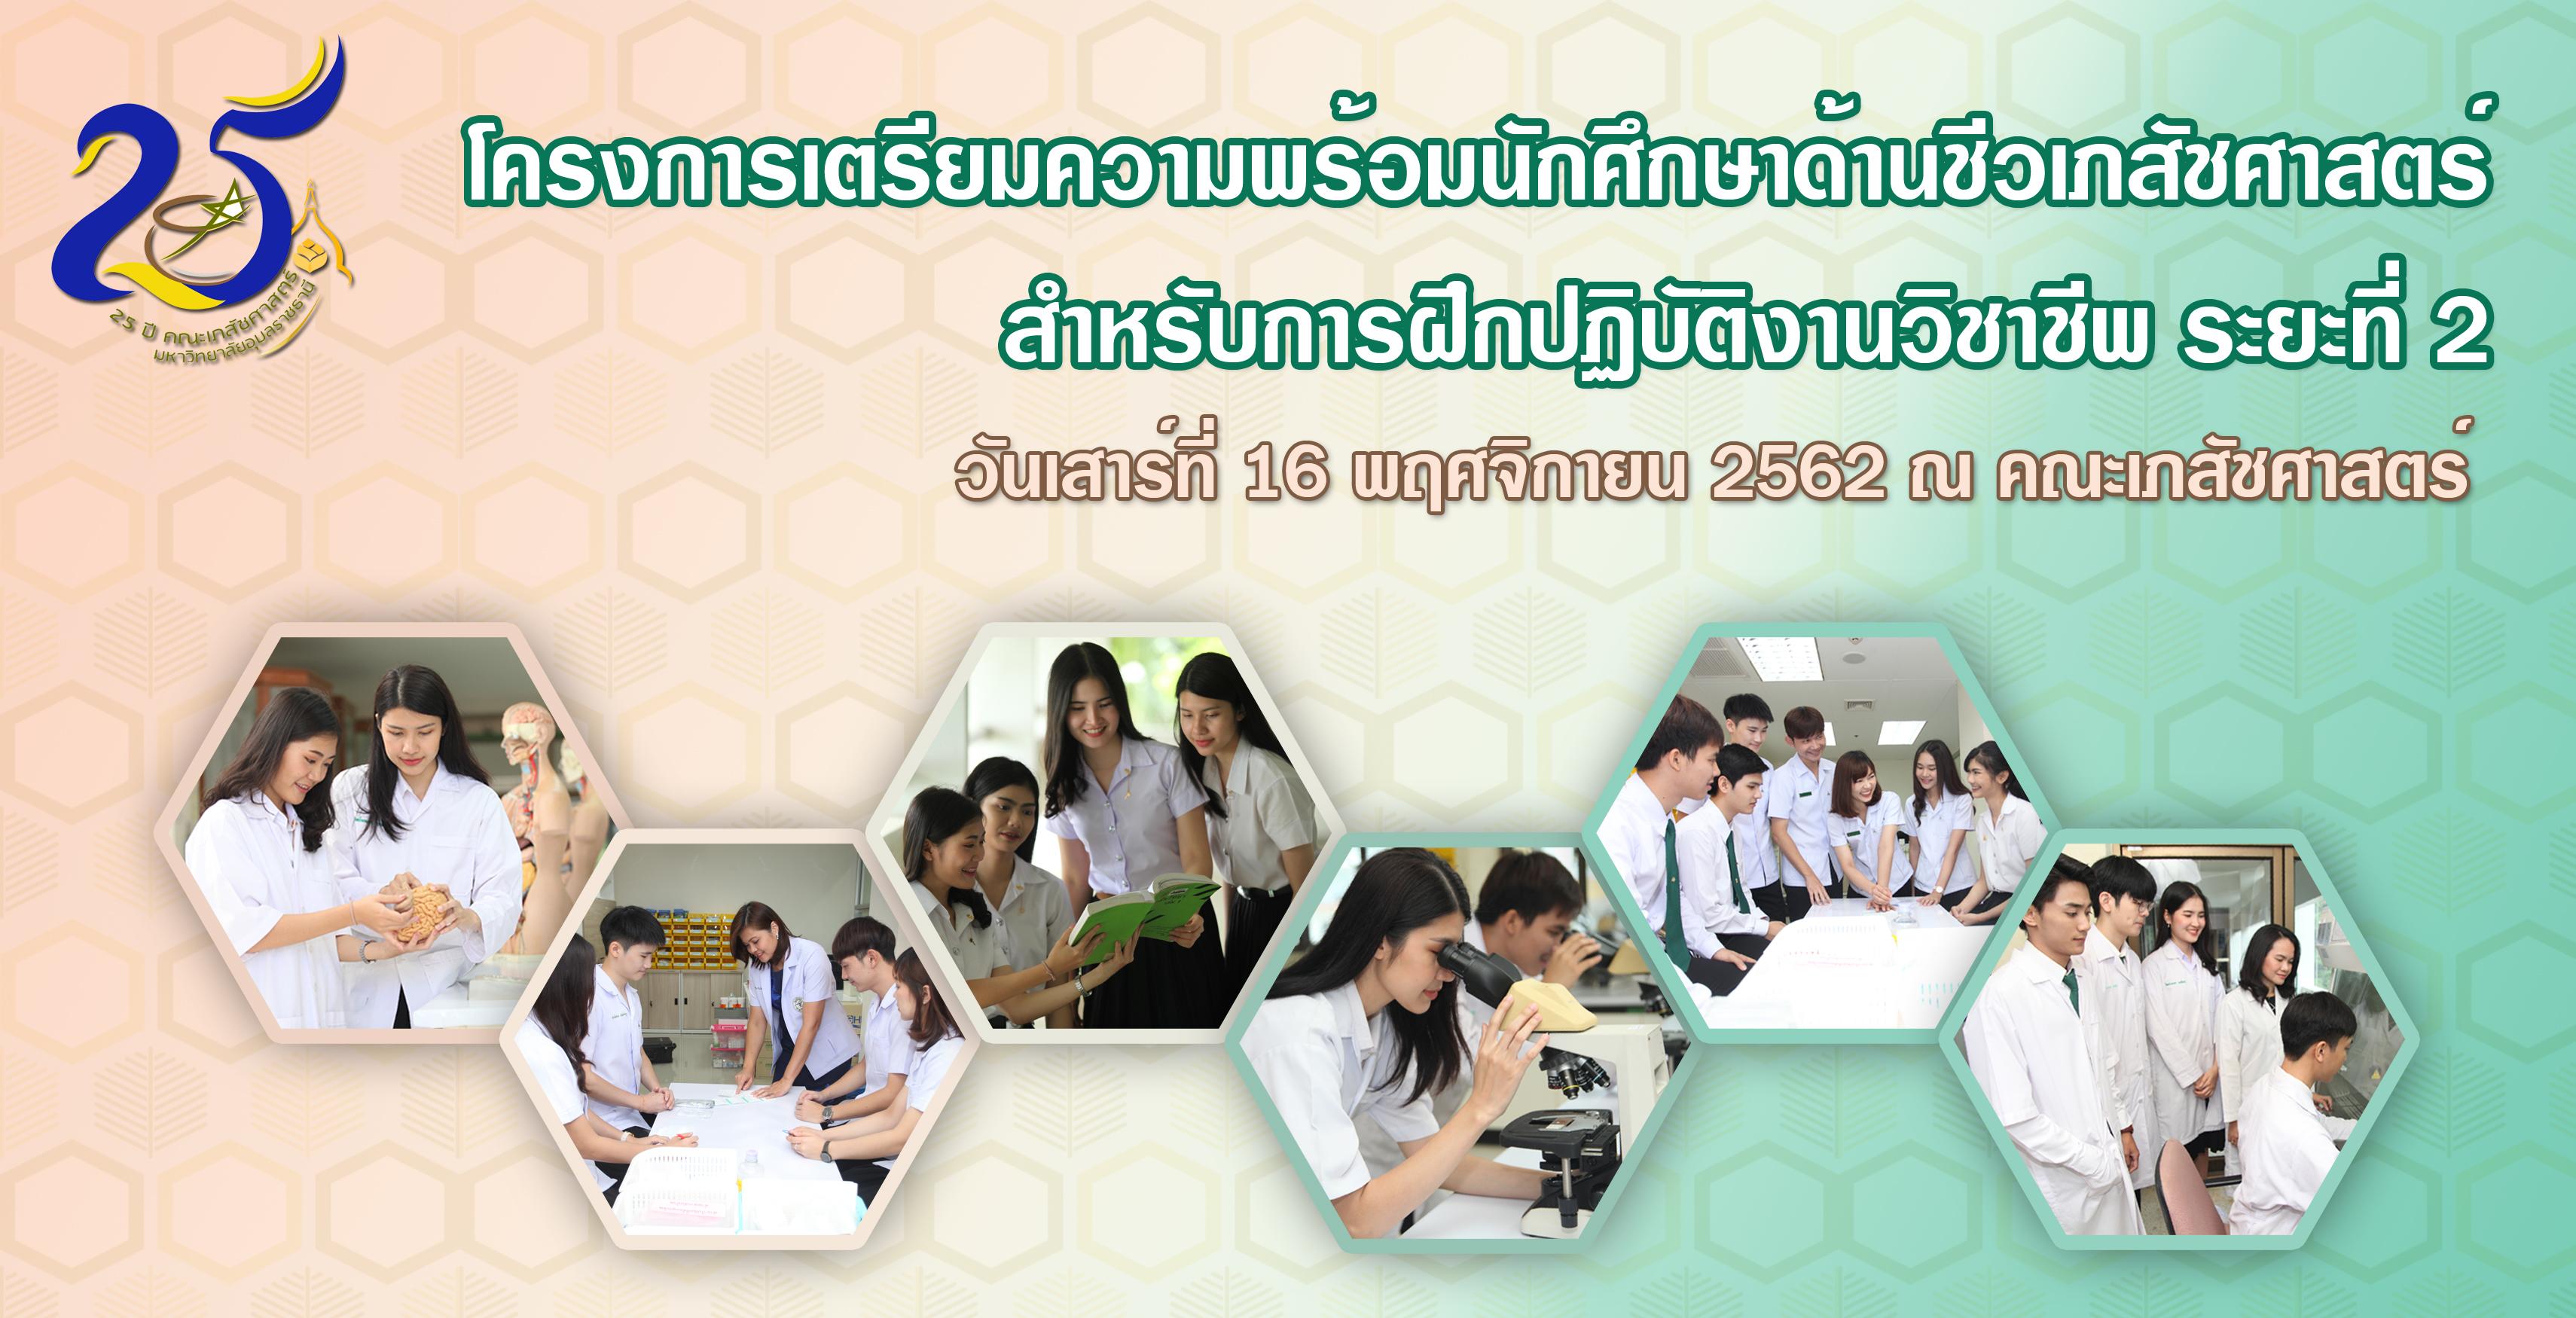 โครงการเตรียมความพร้อมนักศึกษาด้านชีวเภสัชศาสตร์สำหรับการฝึกปฏิบัติงานวิชาชีพ ระยะที่ 2